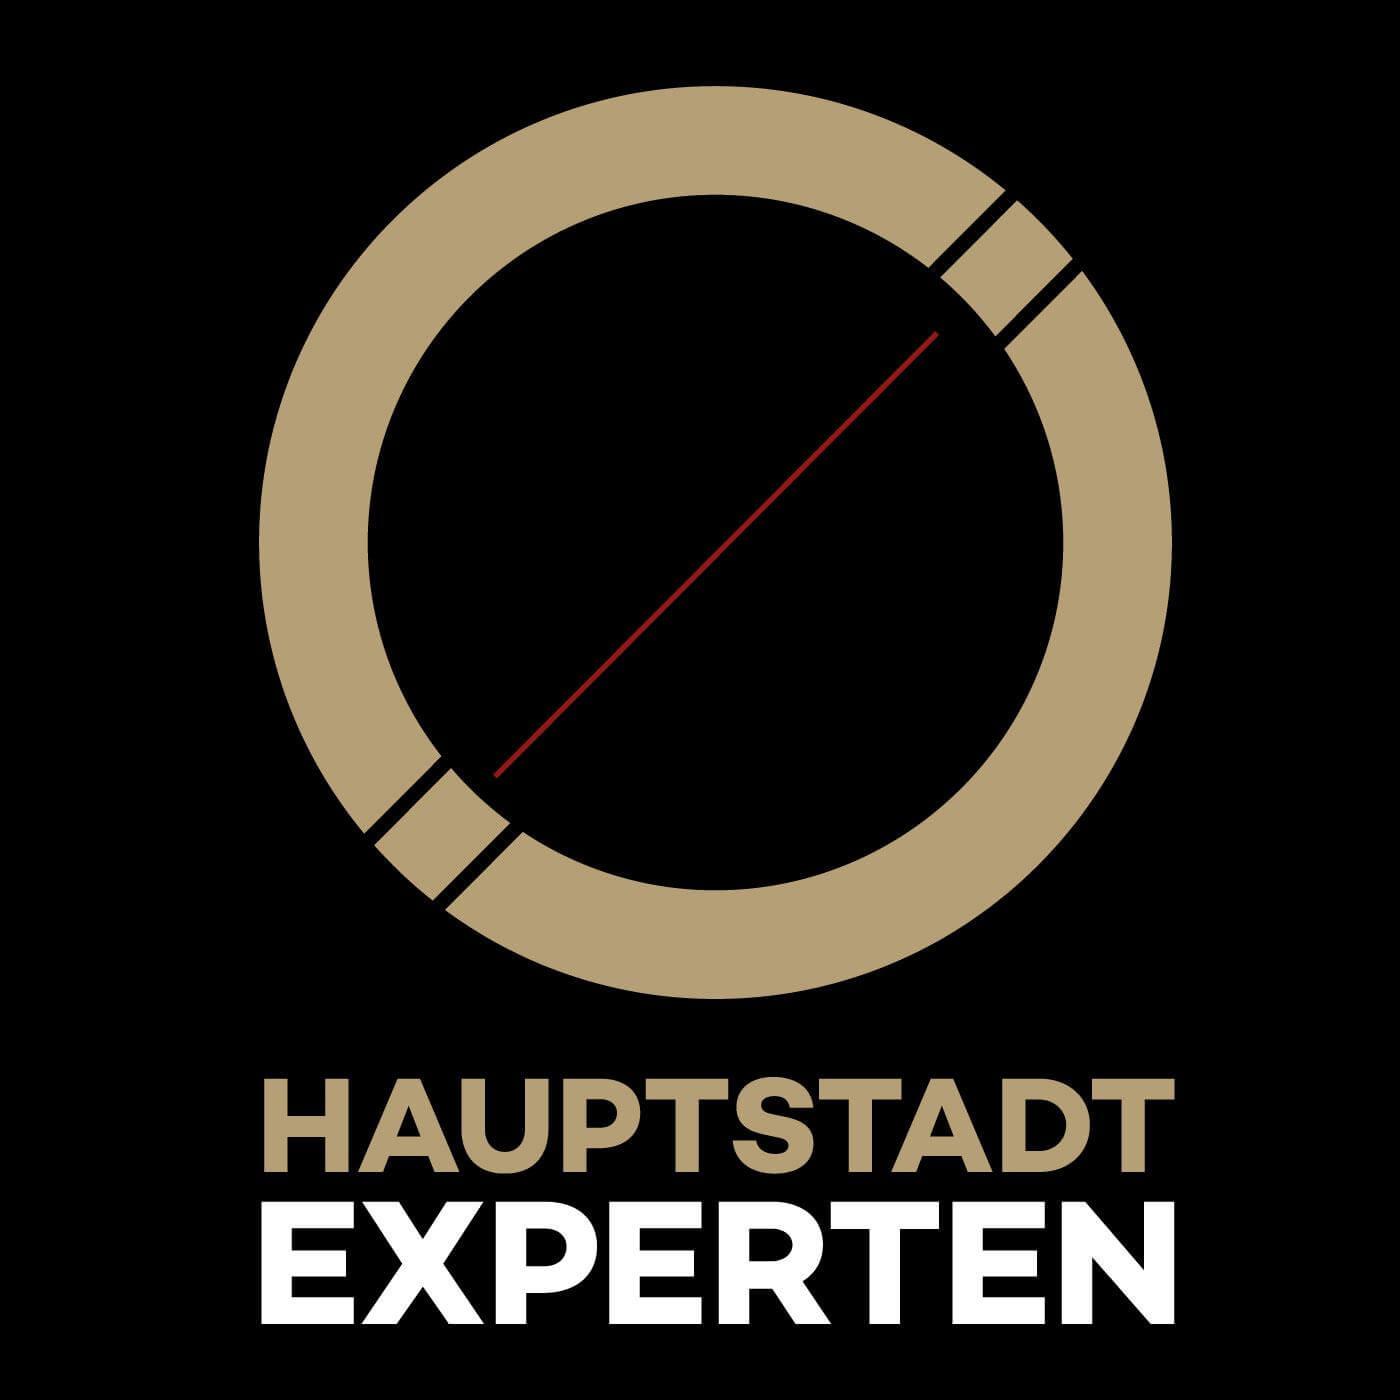 dein-hauptstadtexperten-podcast-dein-q4Jnk2TwXWE-_JTCVKH07Y-.1400x1400